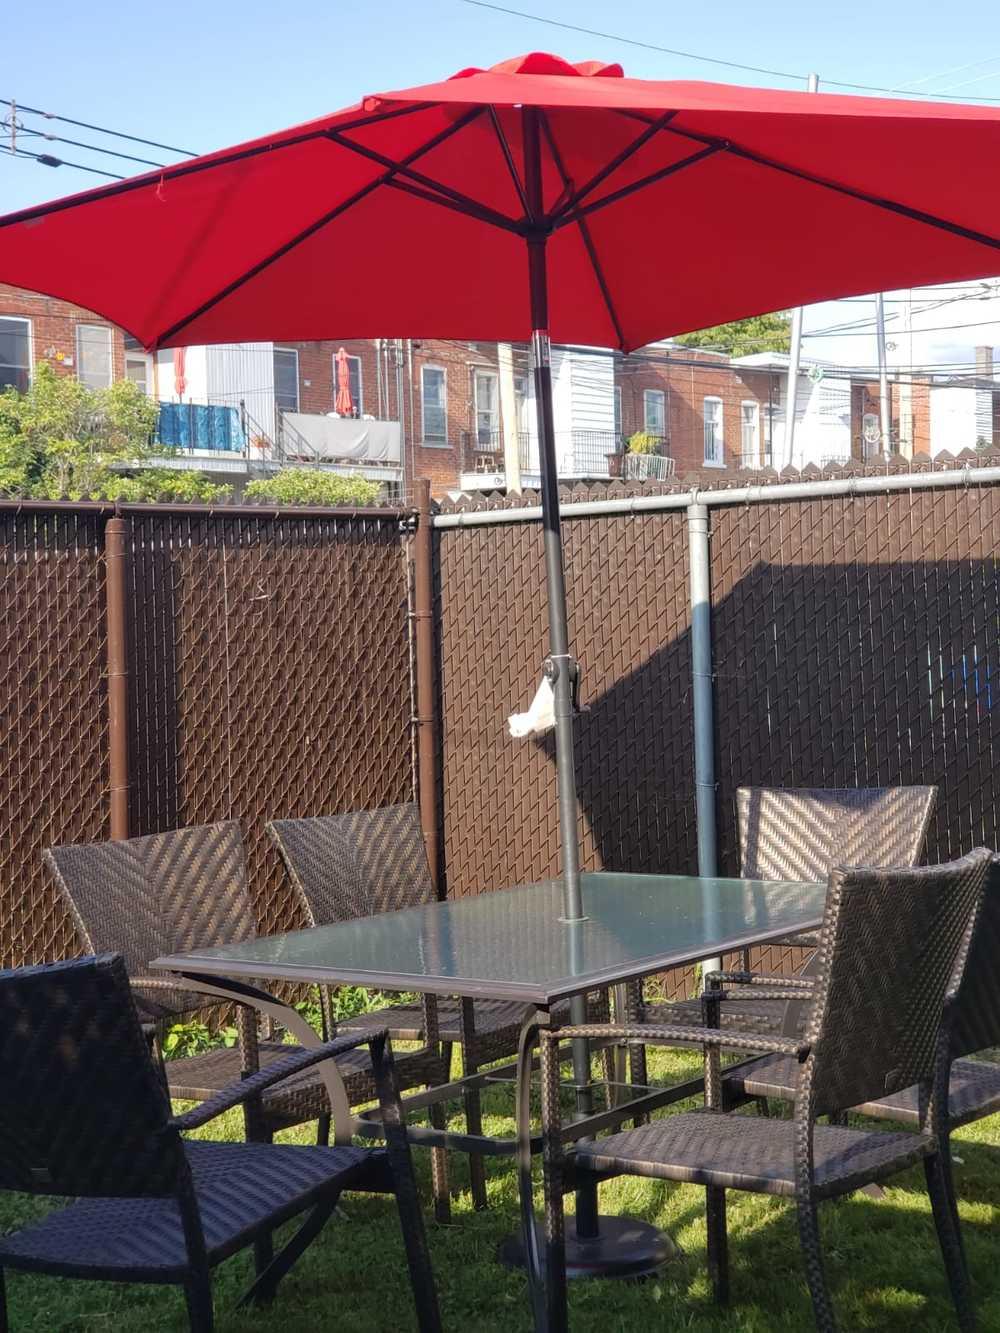 09 table avec parasol dans la cours priv e 002